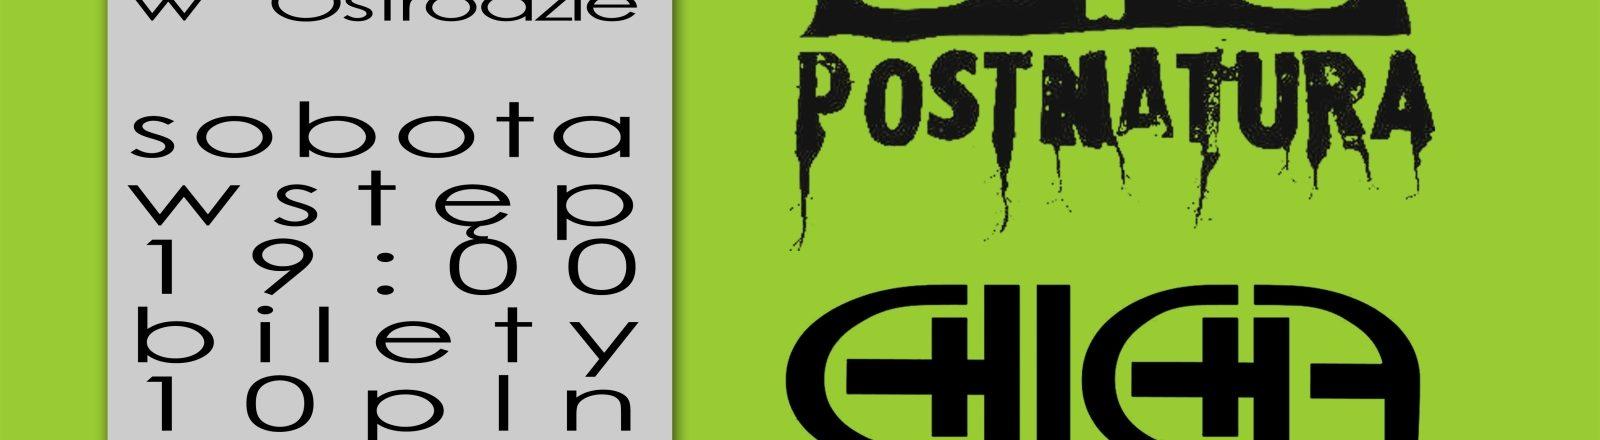 Koncert dla Agenta // Postnatura / Chicha / Bohema